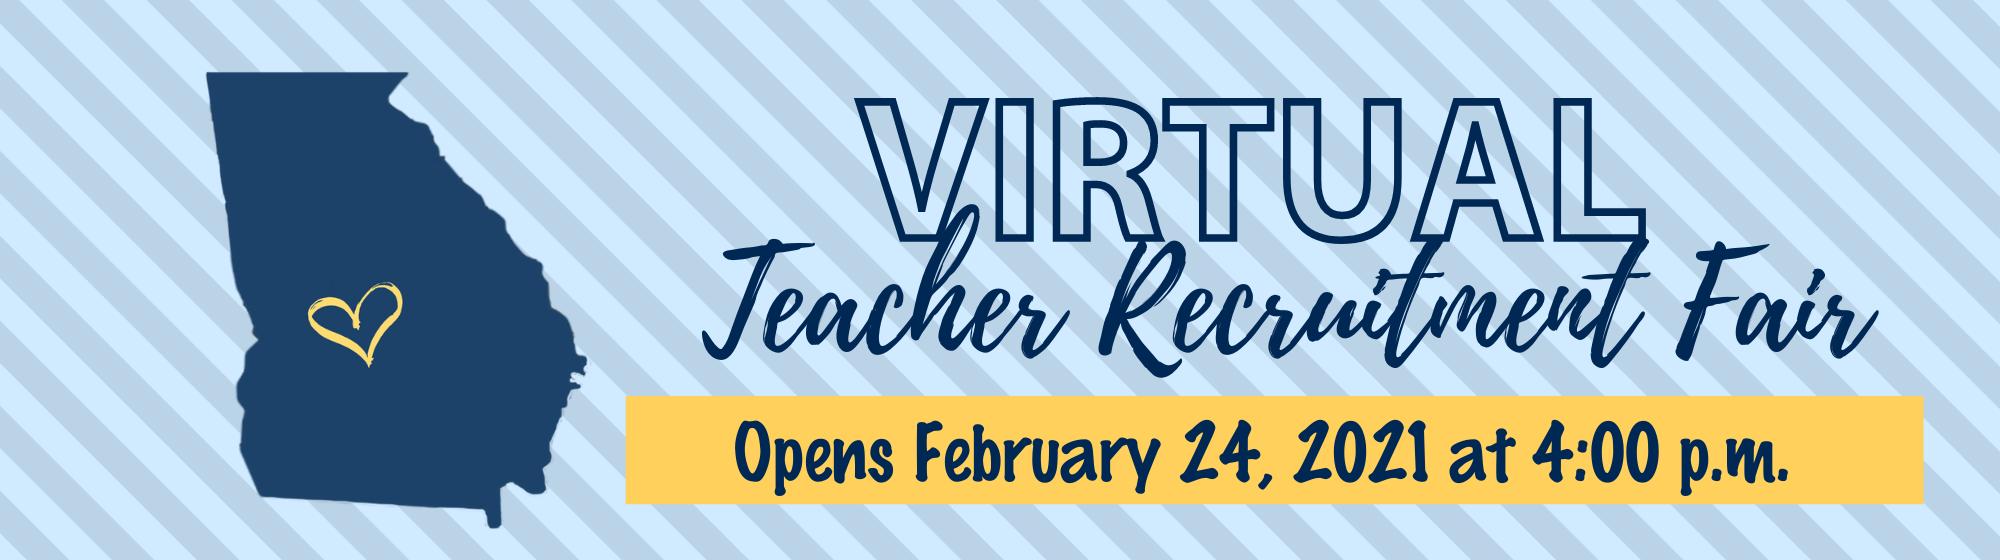 Virtual Teacher Recruitment Fair